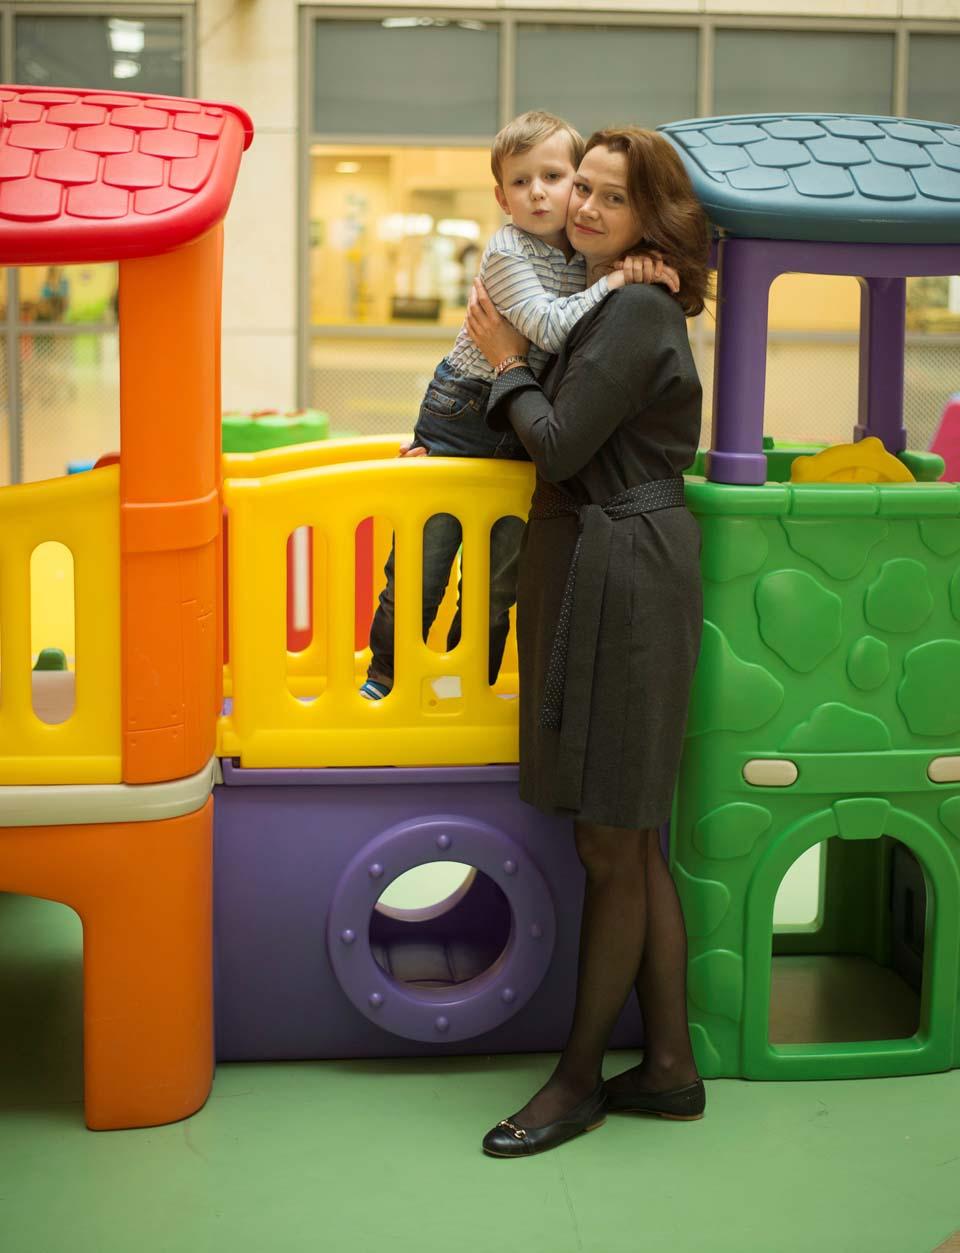 """В больнице """"Левинштейн"""" все устроено так, чтобы ребенок быстрее восстанавливался после травмы. Фото: Юваль Хен"""